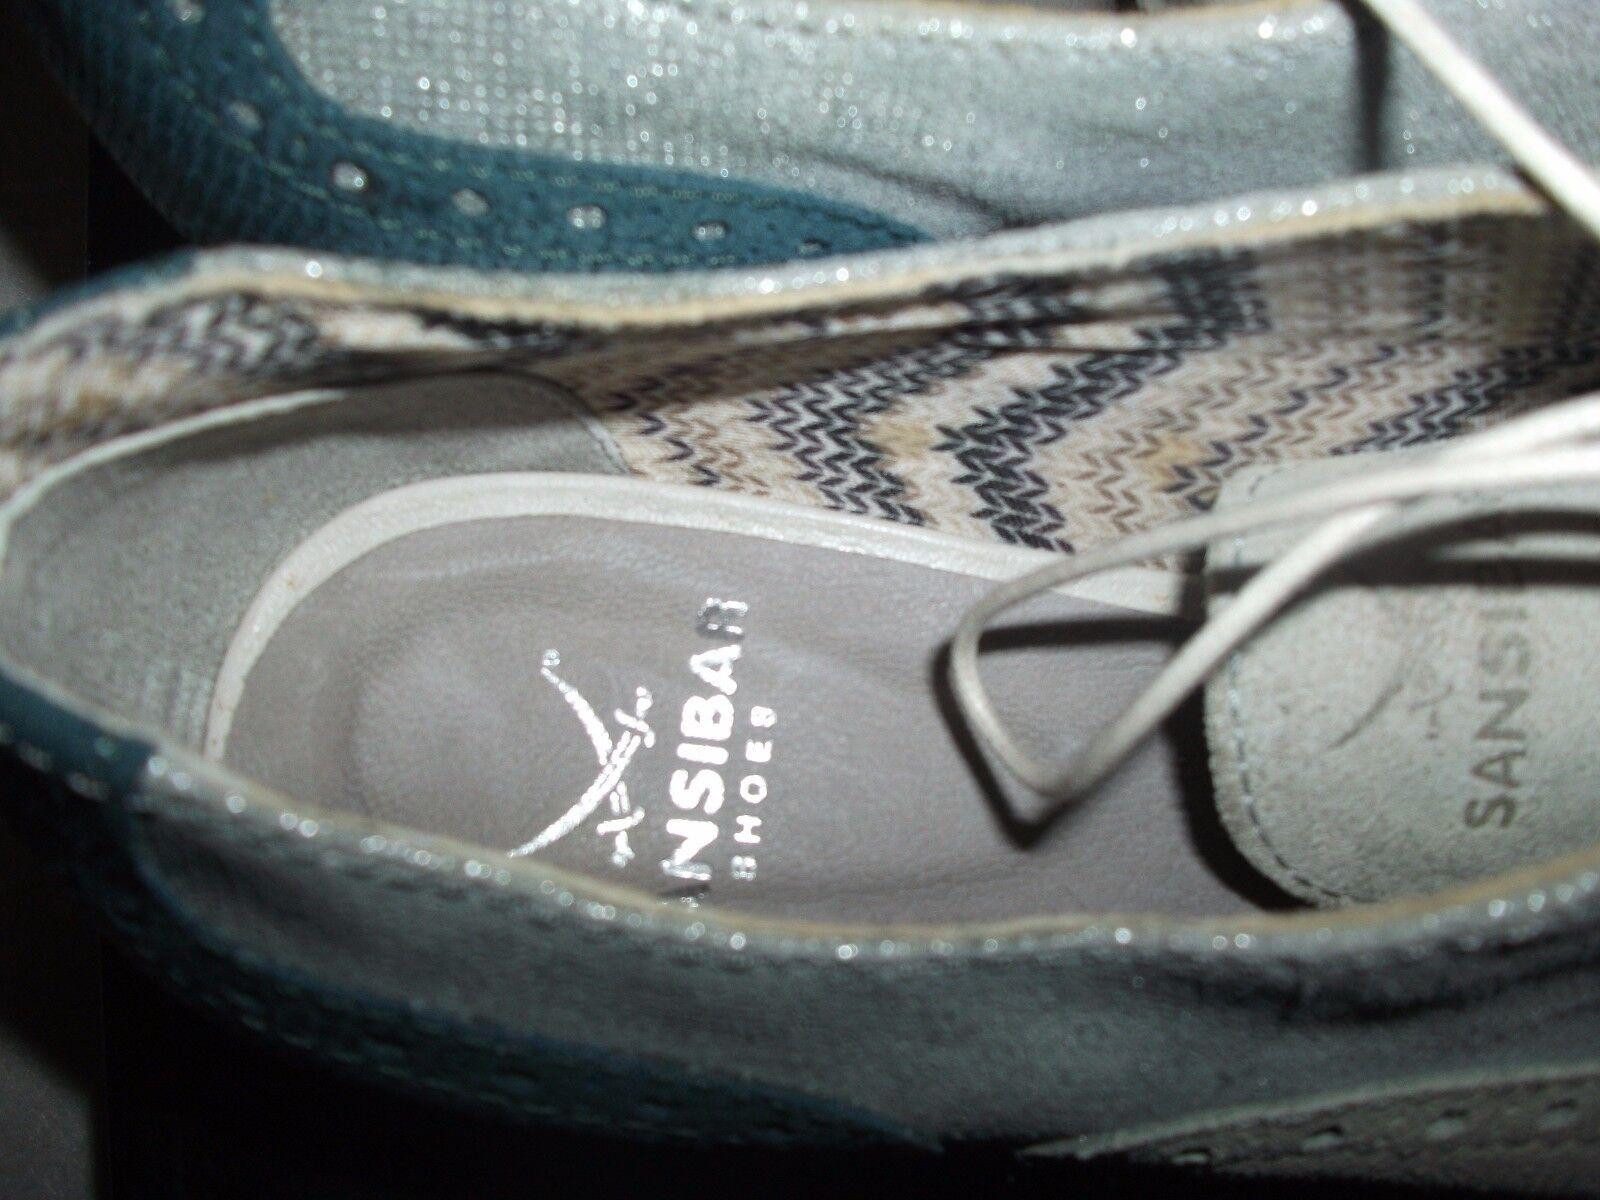 Damen Schuhe SANSIBAR 41 Gr 41 SANSIBAR NEU 57b149